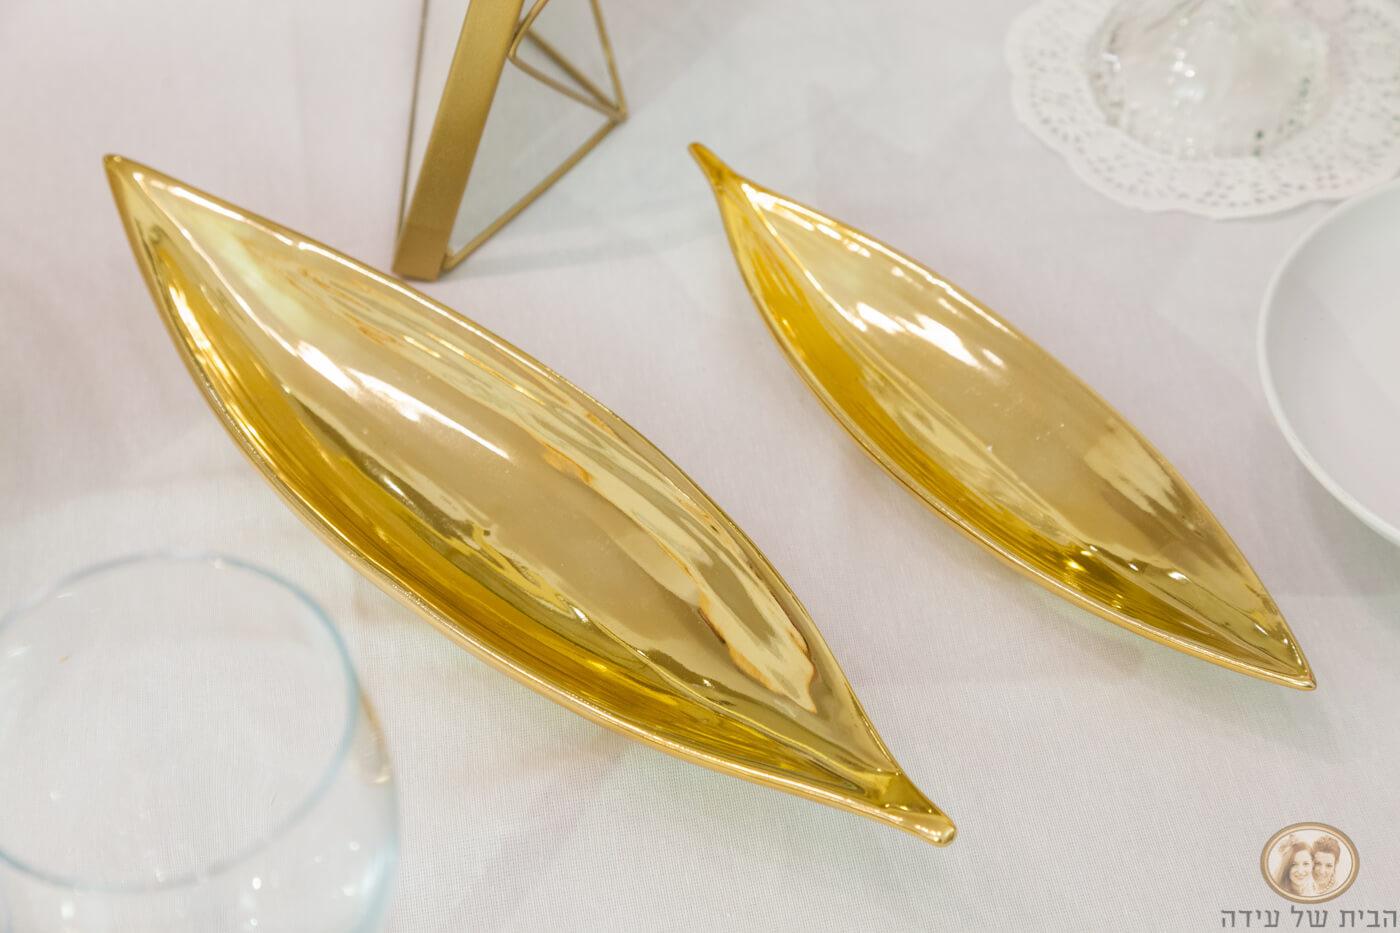 סירות זהב להגשה